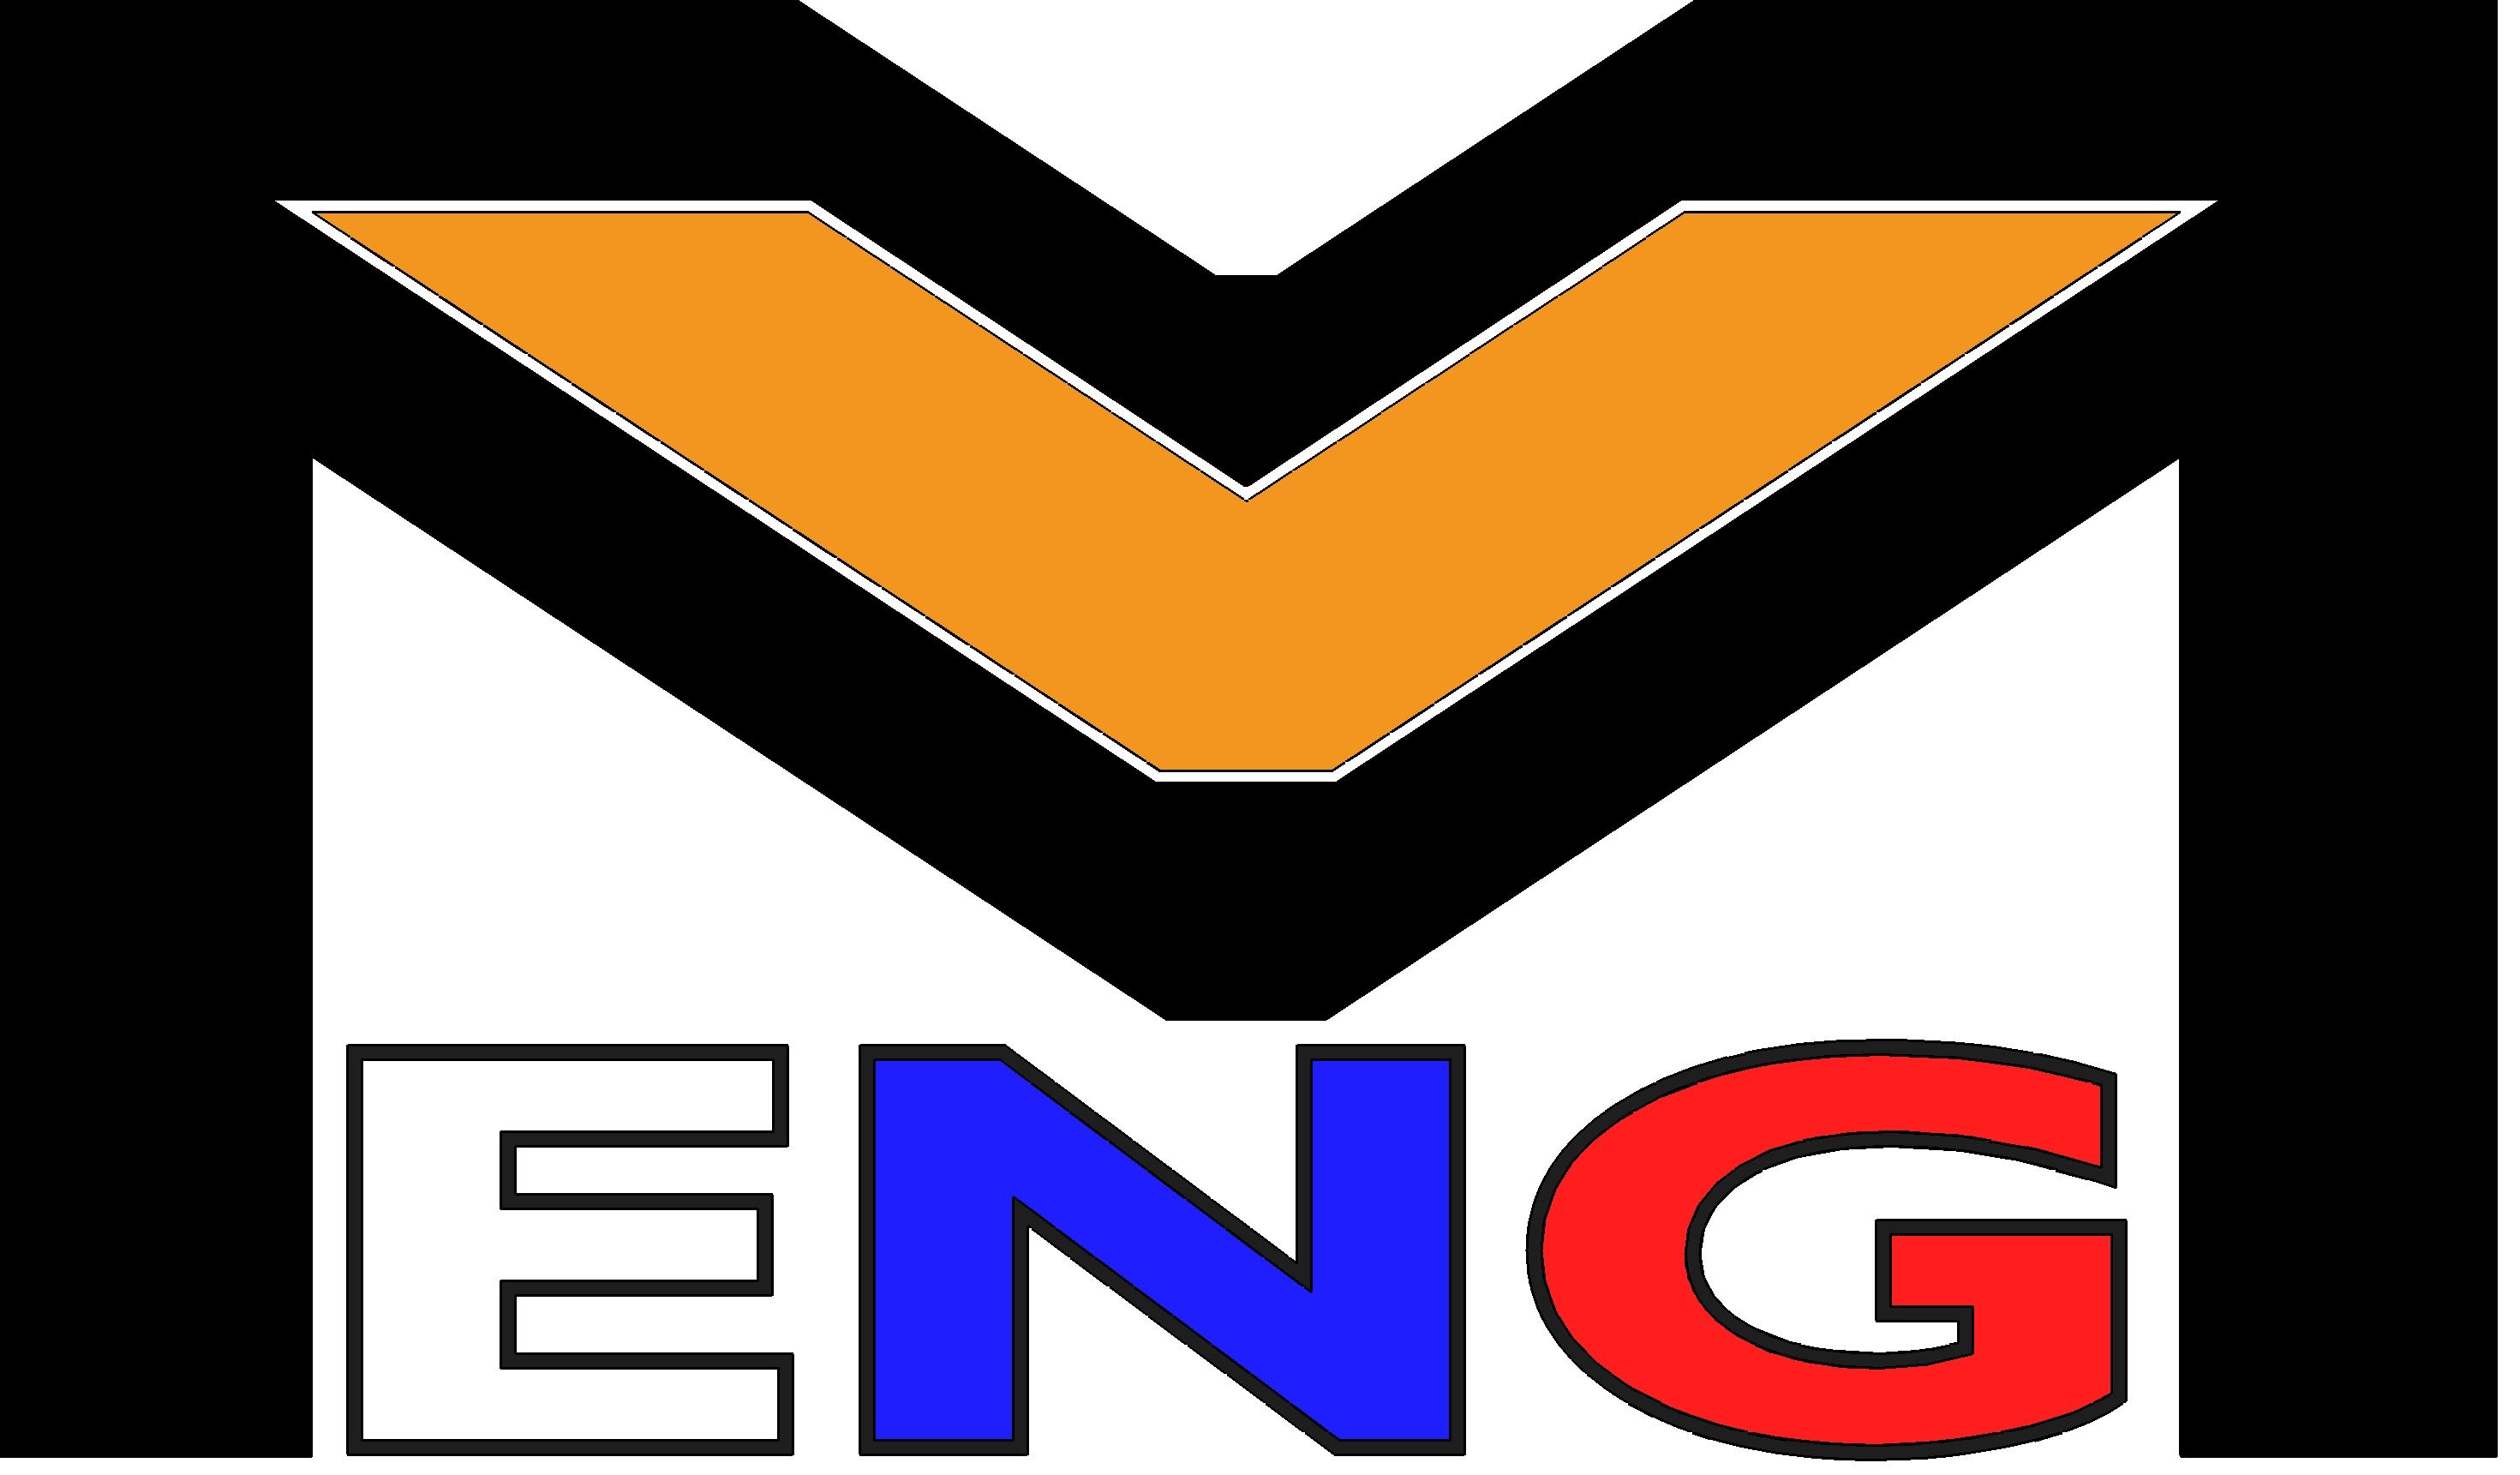 MV-ENG, s.r.o.